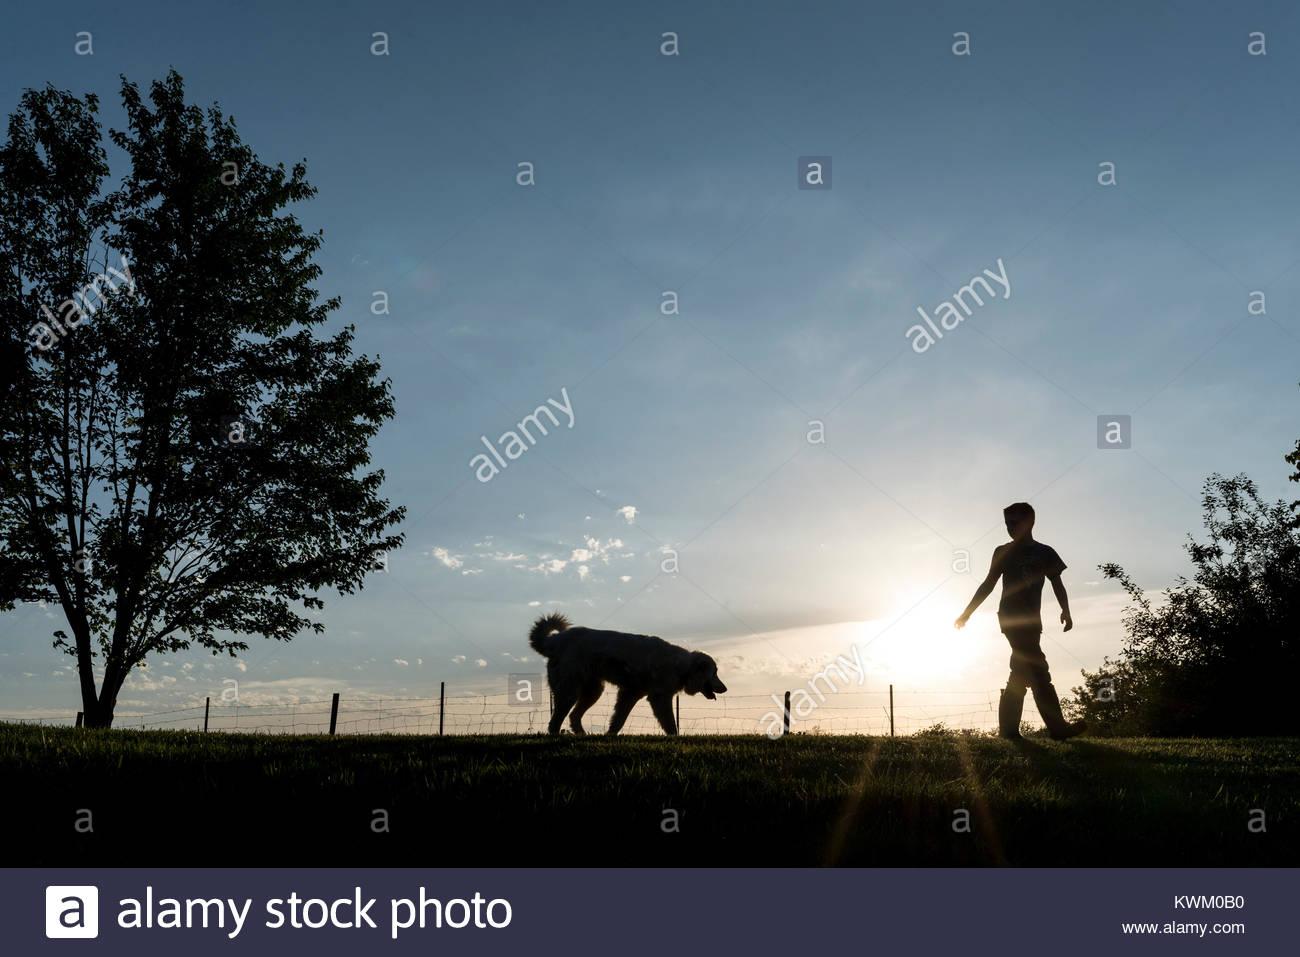 Silueta chico jugando con perro en campo contra el cielo durante la puesta de sol Imagen De Stock